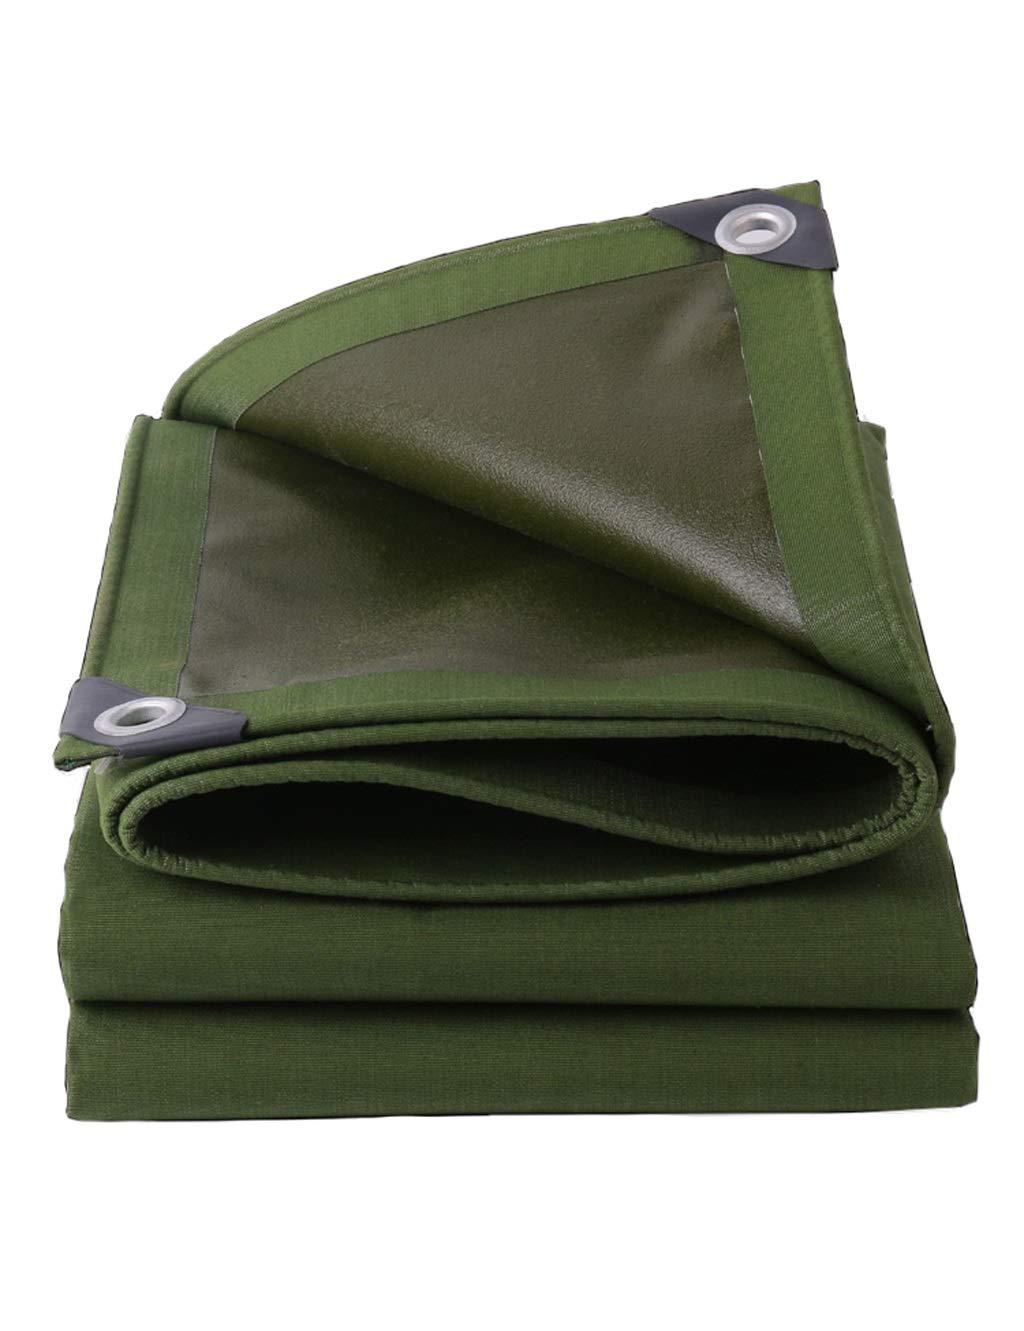 PIPIXIA Heavy-Duty Wasserdicht Tarp Dick Anti-Reif Anti-Aging für Auto und Stiefel Zelt